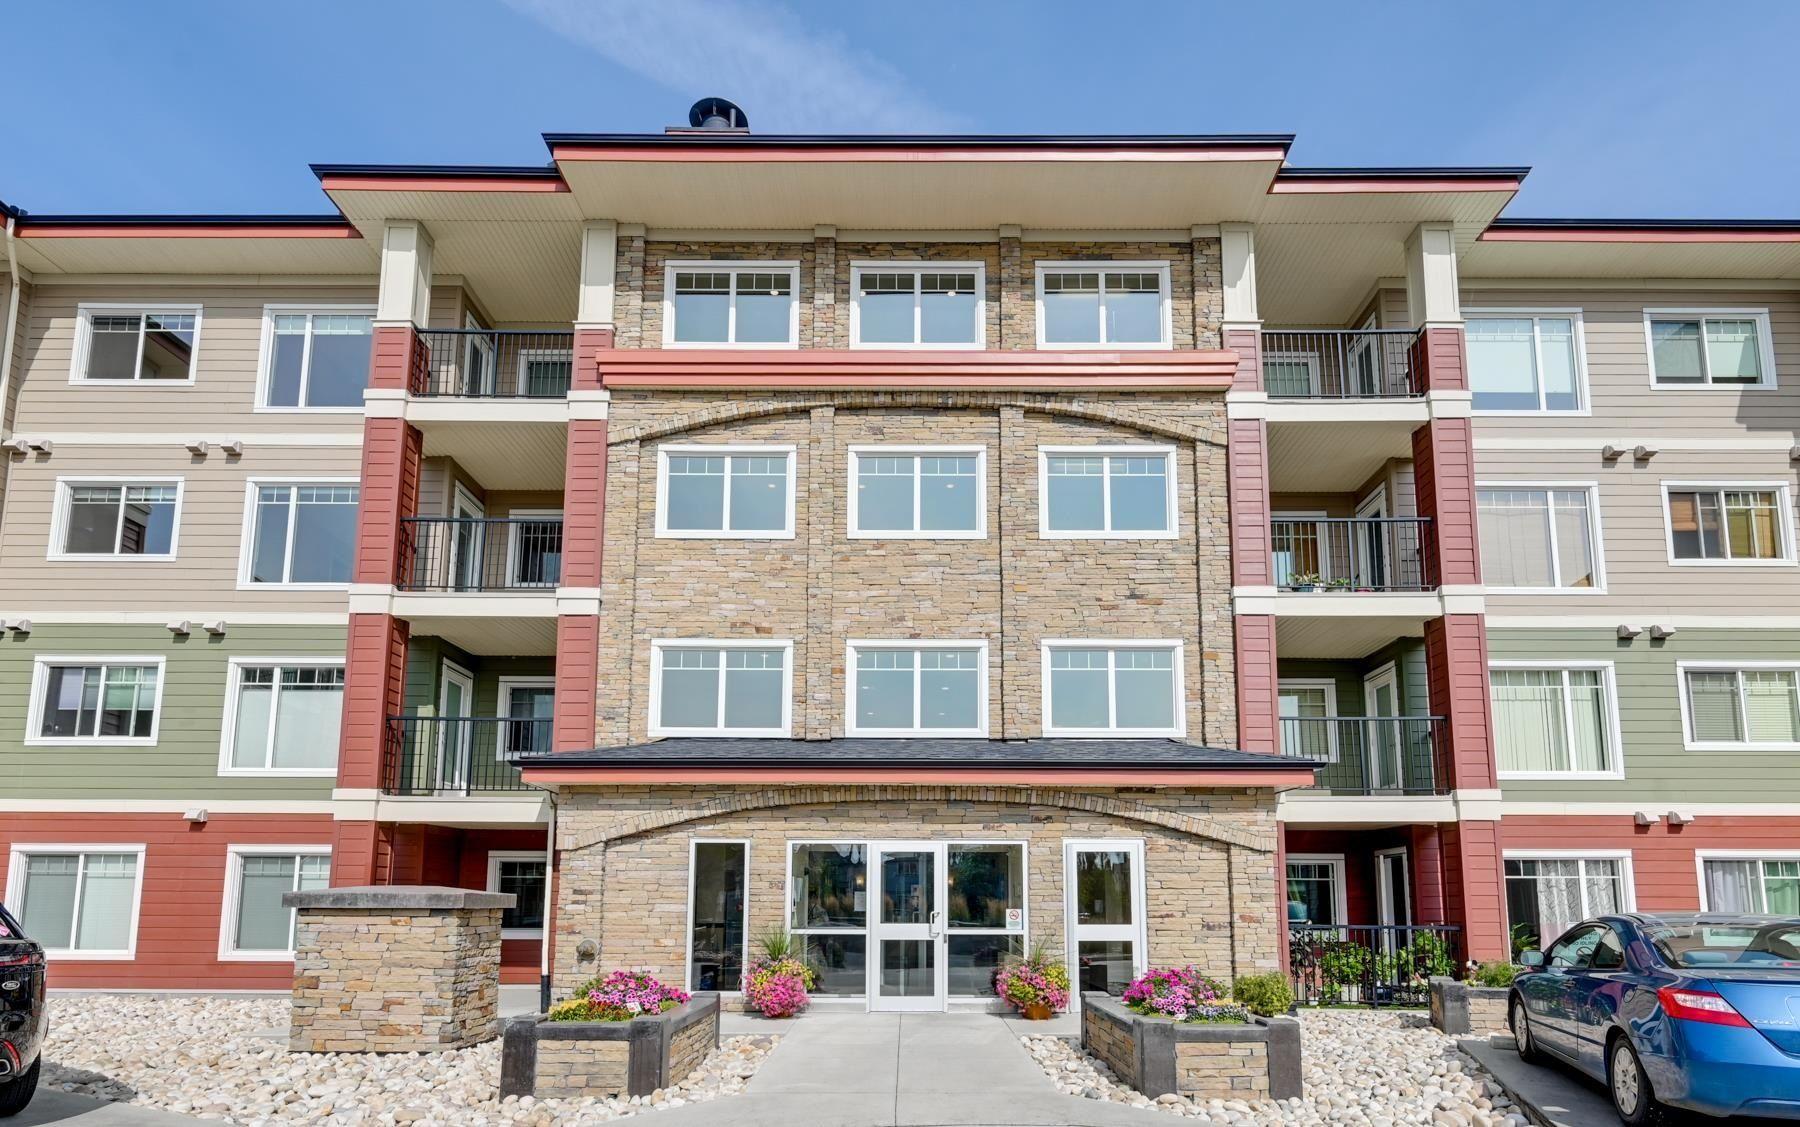 Main Photo: 409 7021 SOUTH TERWILLEGAR Drive in Edmonton: Zone 14 Condo for sale : MLS®# E4259067